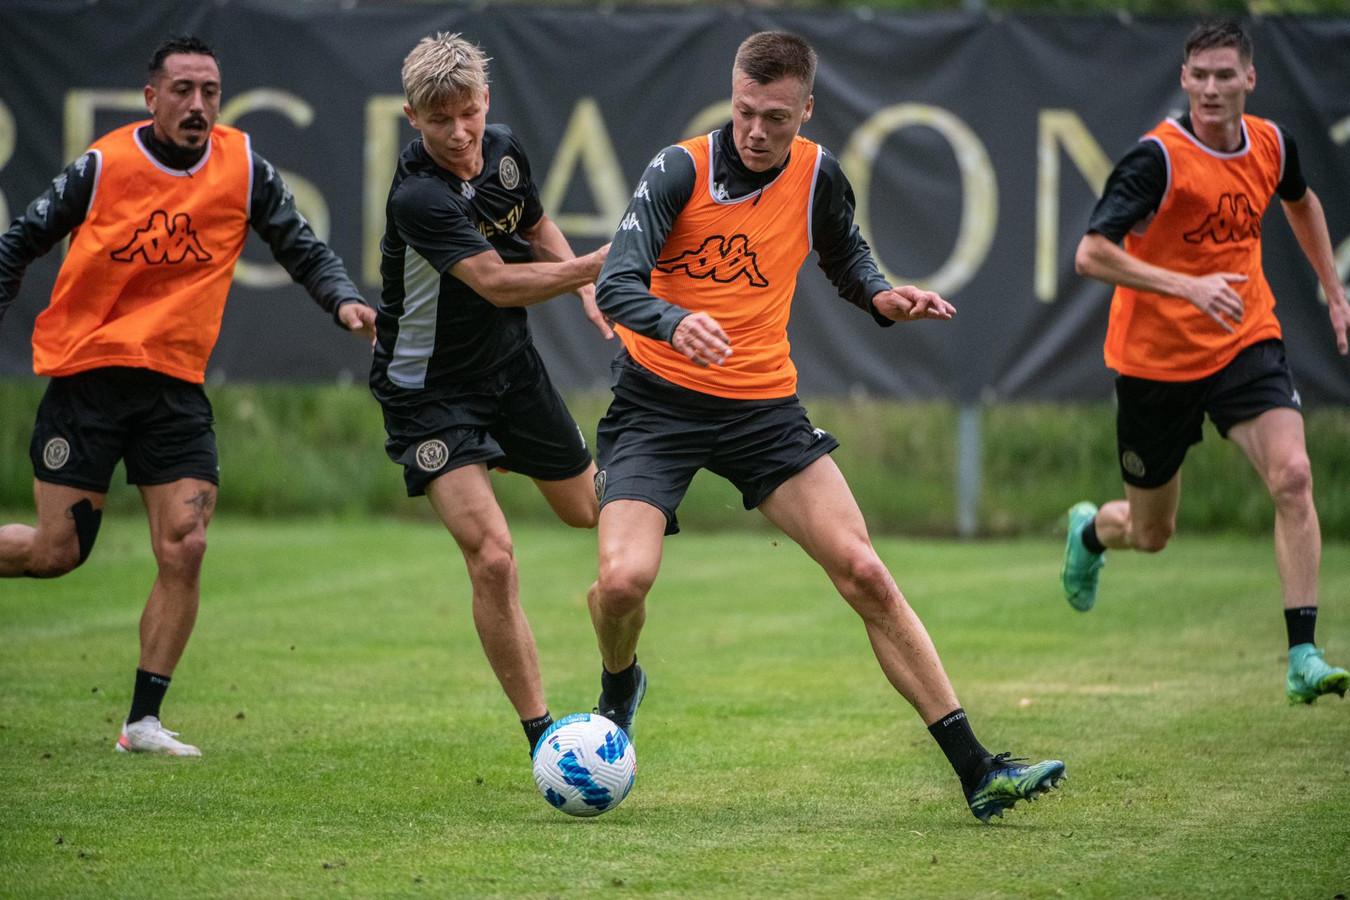 Daan Heymans, met oranje hesje, aan het werk tijdens de stage bij Serie A-promovendus Venezia FC.